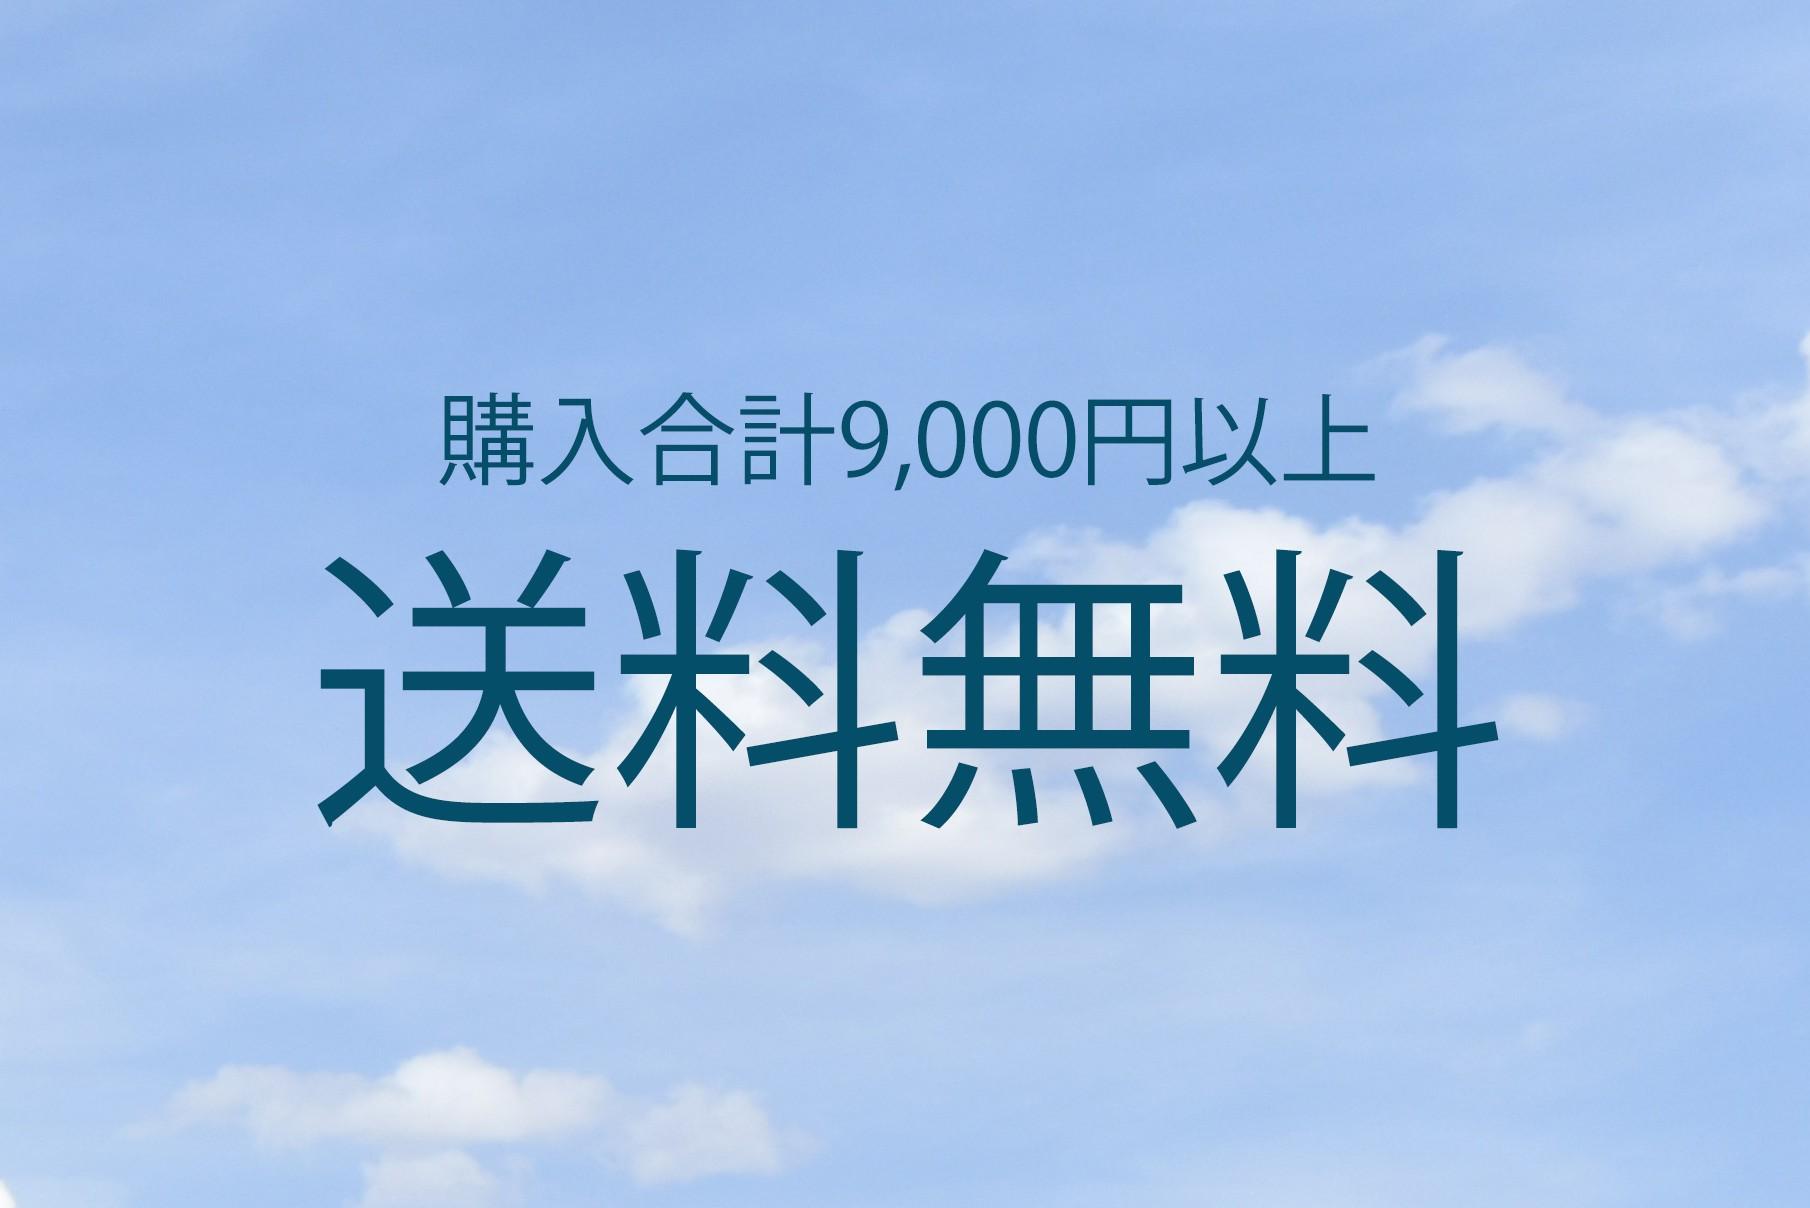 【購入合計9,000円以上】送料無料